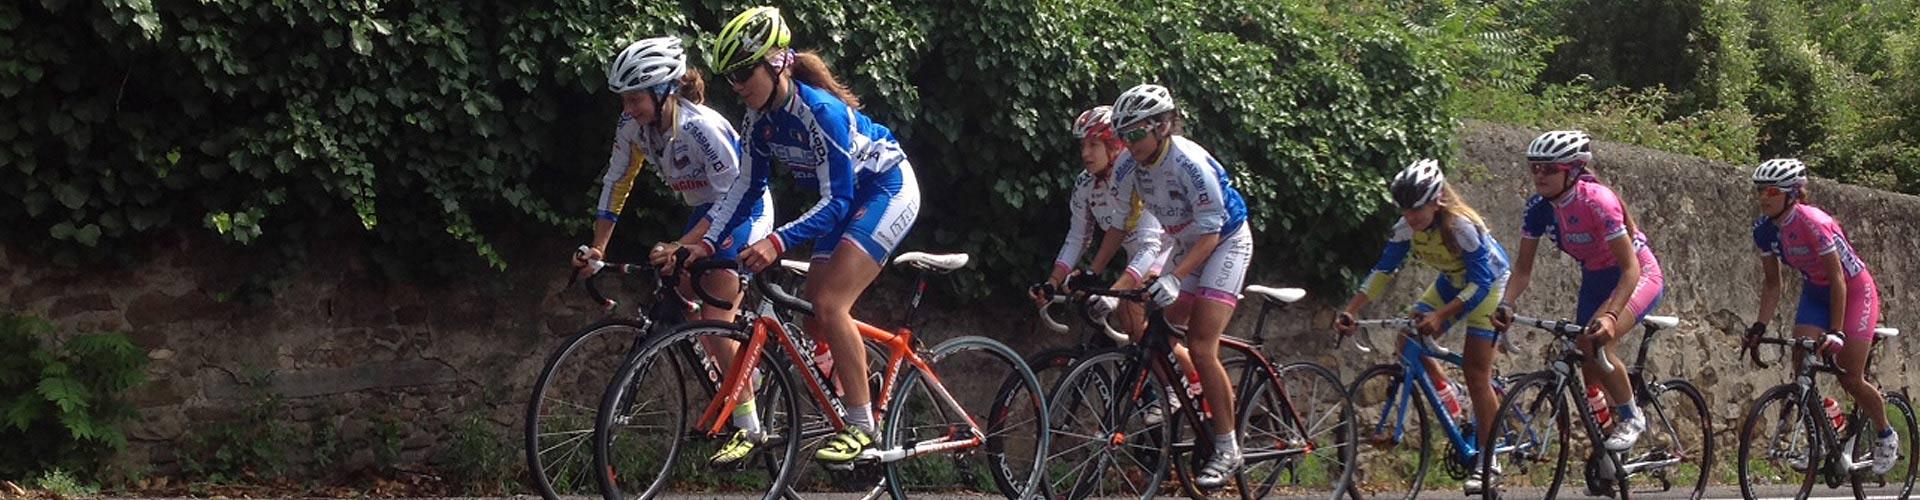 San-Baronto-meta-di-percorsi-e-gare-ciclismo